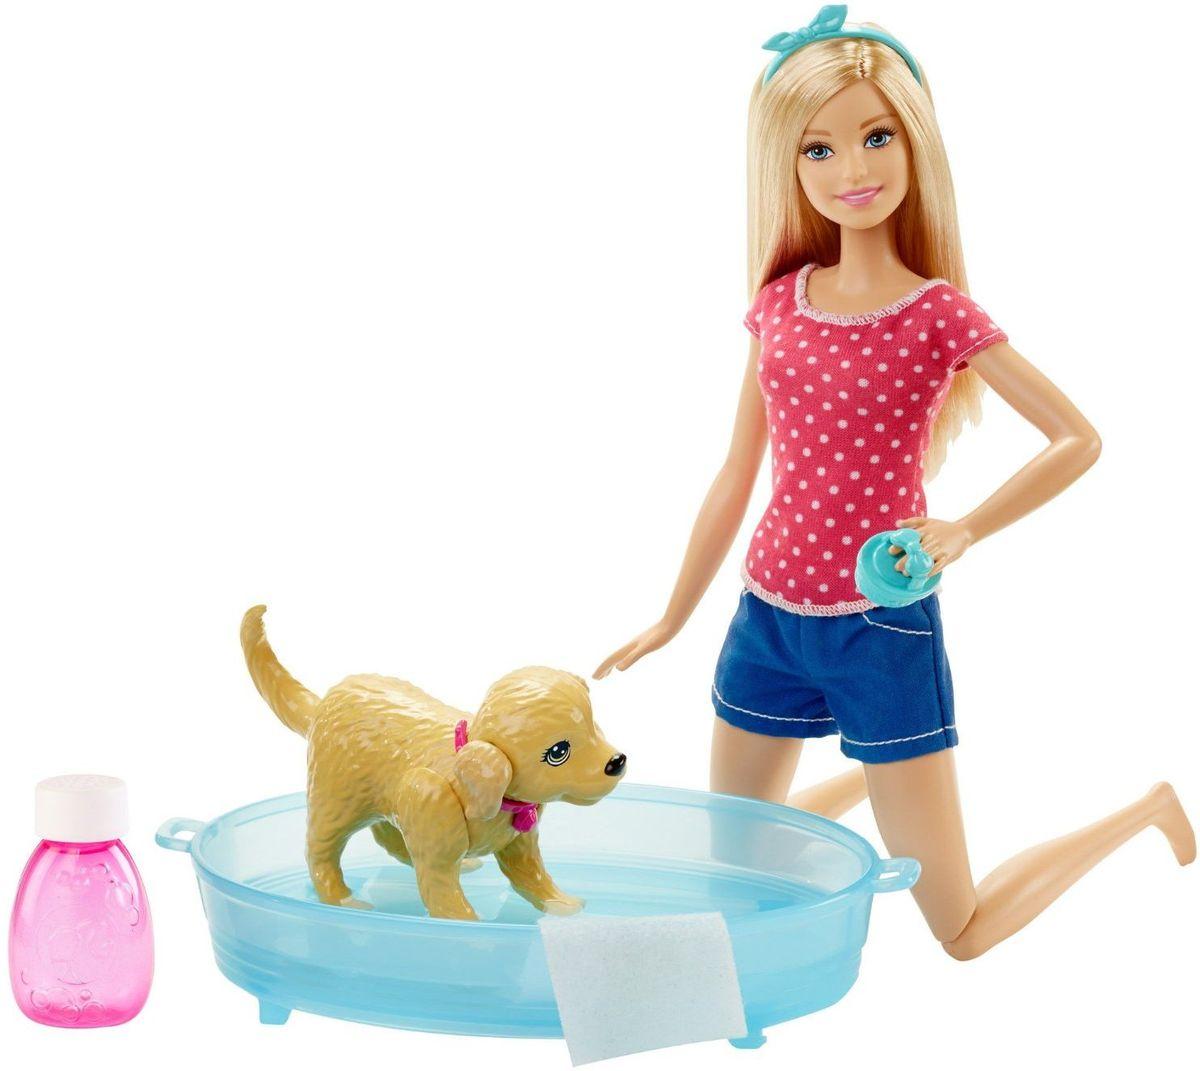 Barbie Игровой набор Водные забавыDGY83Набор Barbie Водные забавы станет развлечением не на один день! Кроме куклы Барби, имеется милая и совершенно неугомонная собачка, а к ней - собачья ванночка! Посадите собачку в ванну с водой, а в прилагаемую фирменную бутылочку налейте и разведите водой собственный шампунь, чтобы собачку как следует намылить. Потом нажмите ей на спину и смотрите, как она плещется! Она вертится, отряхивается, машет хвостом, брызгается - совсем как живая! Потом смойте шампунь водой и помогите кукле вытереть собачку специальным полотенцем. Кукла Барби одета в майку с узором в горох и синие шорты, на голове у нее ободок. В набор входит кукла Барби в одежде и с аксессуарами, движущаяся собака, ванночка, полотенце и расческа для нее, бутылочка для шампуня. Ваш ребенок будет в восторге от такого подарка!